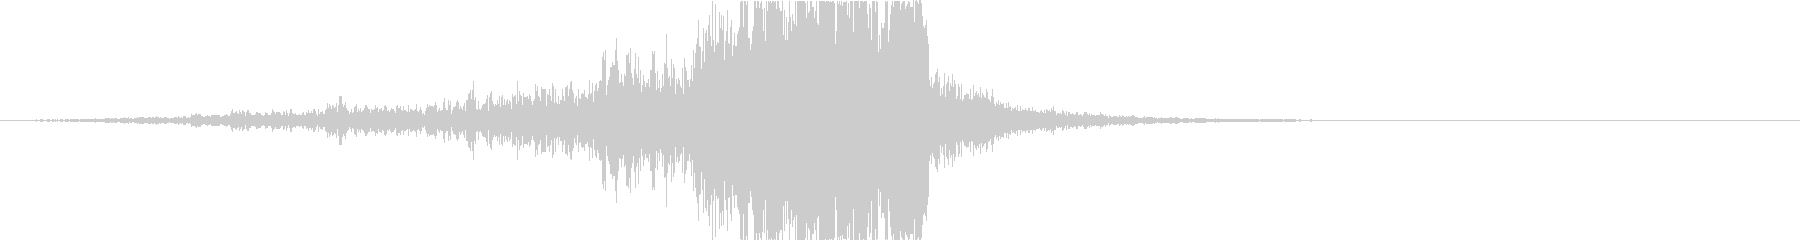 ドラマティックなリバース音33-01の未再生の波形